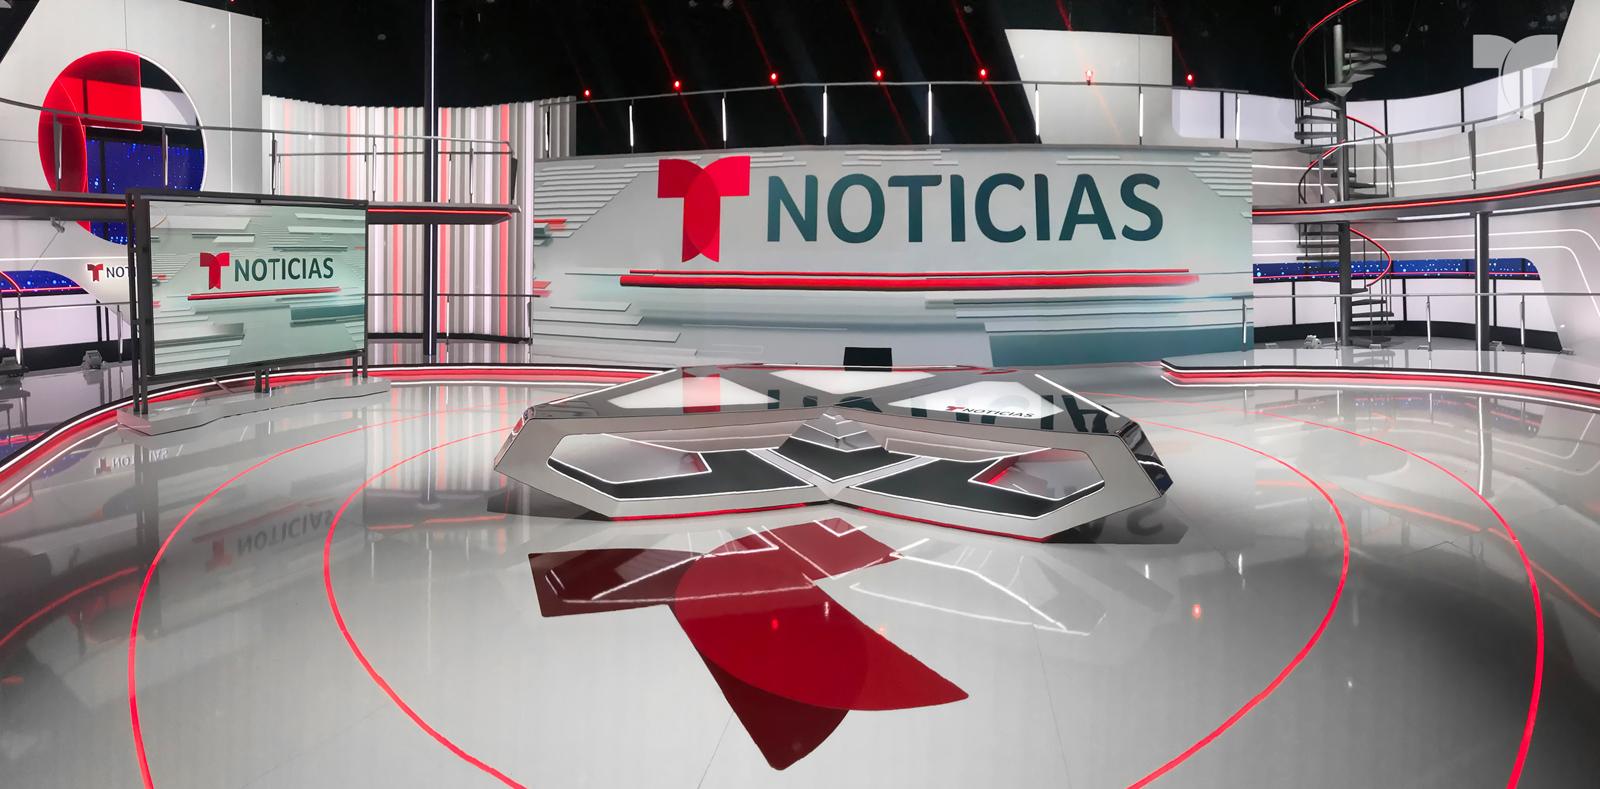 ncs_noticias-telemundo-estudio-miami_0001